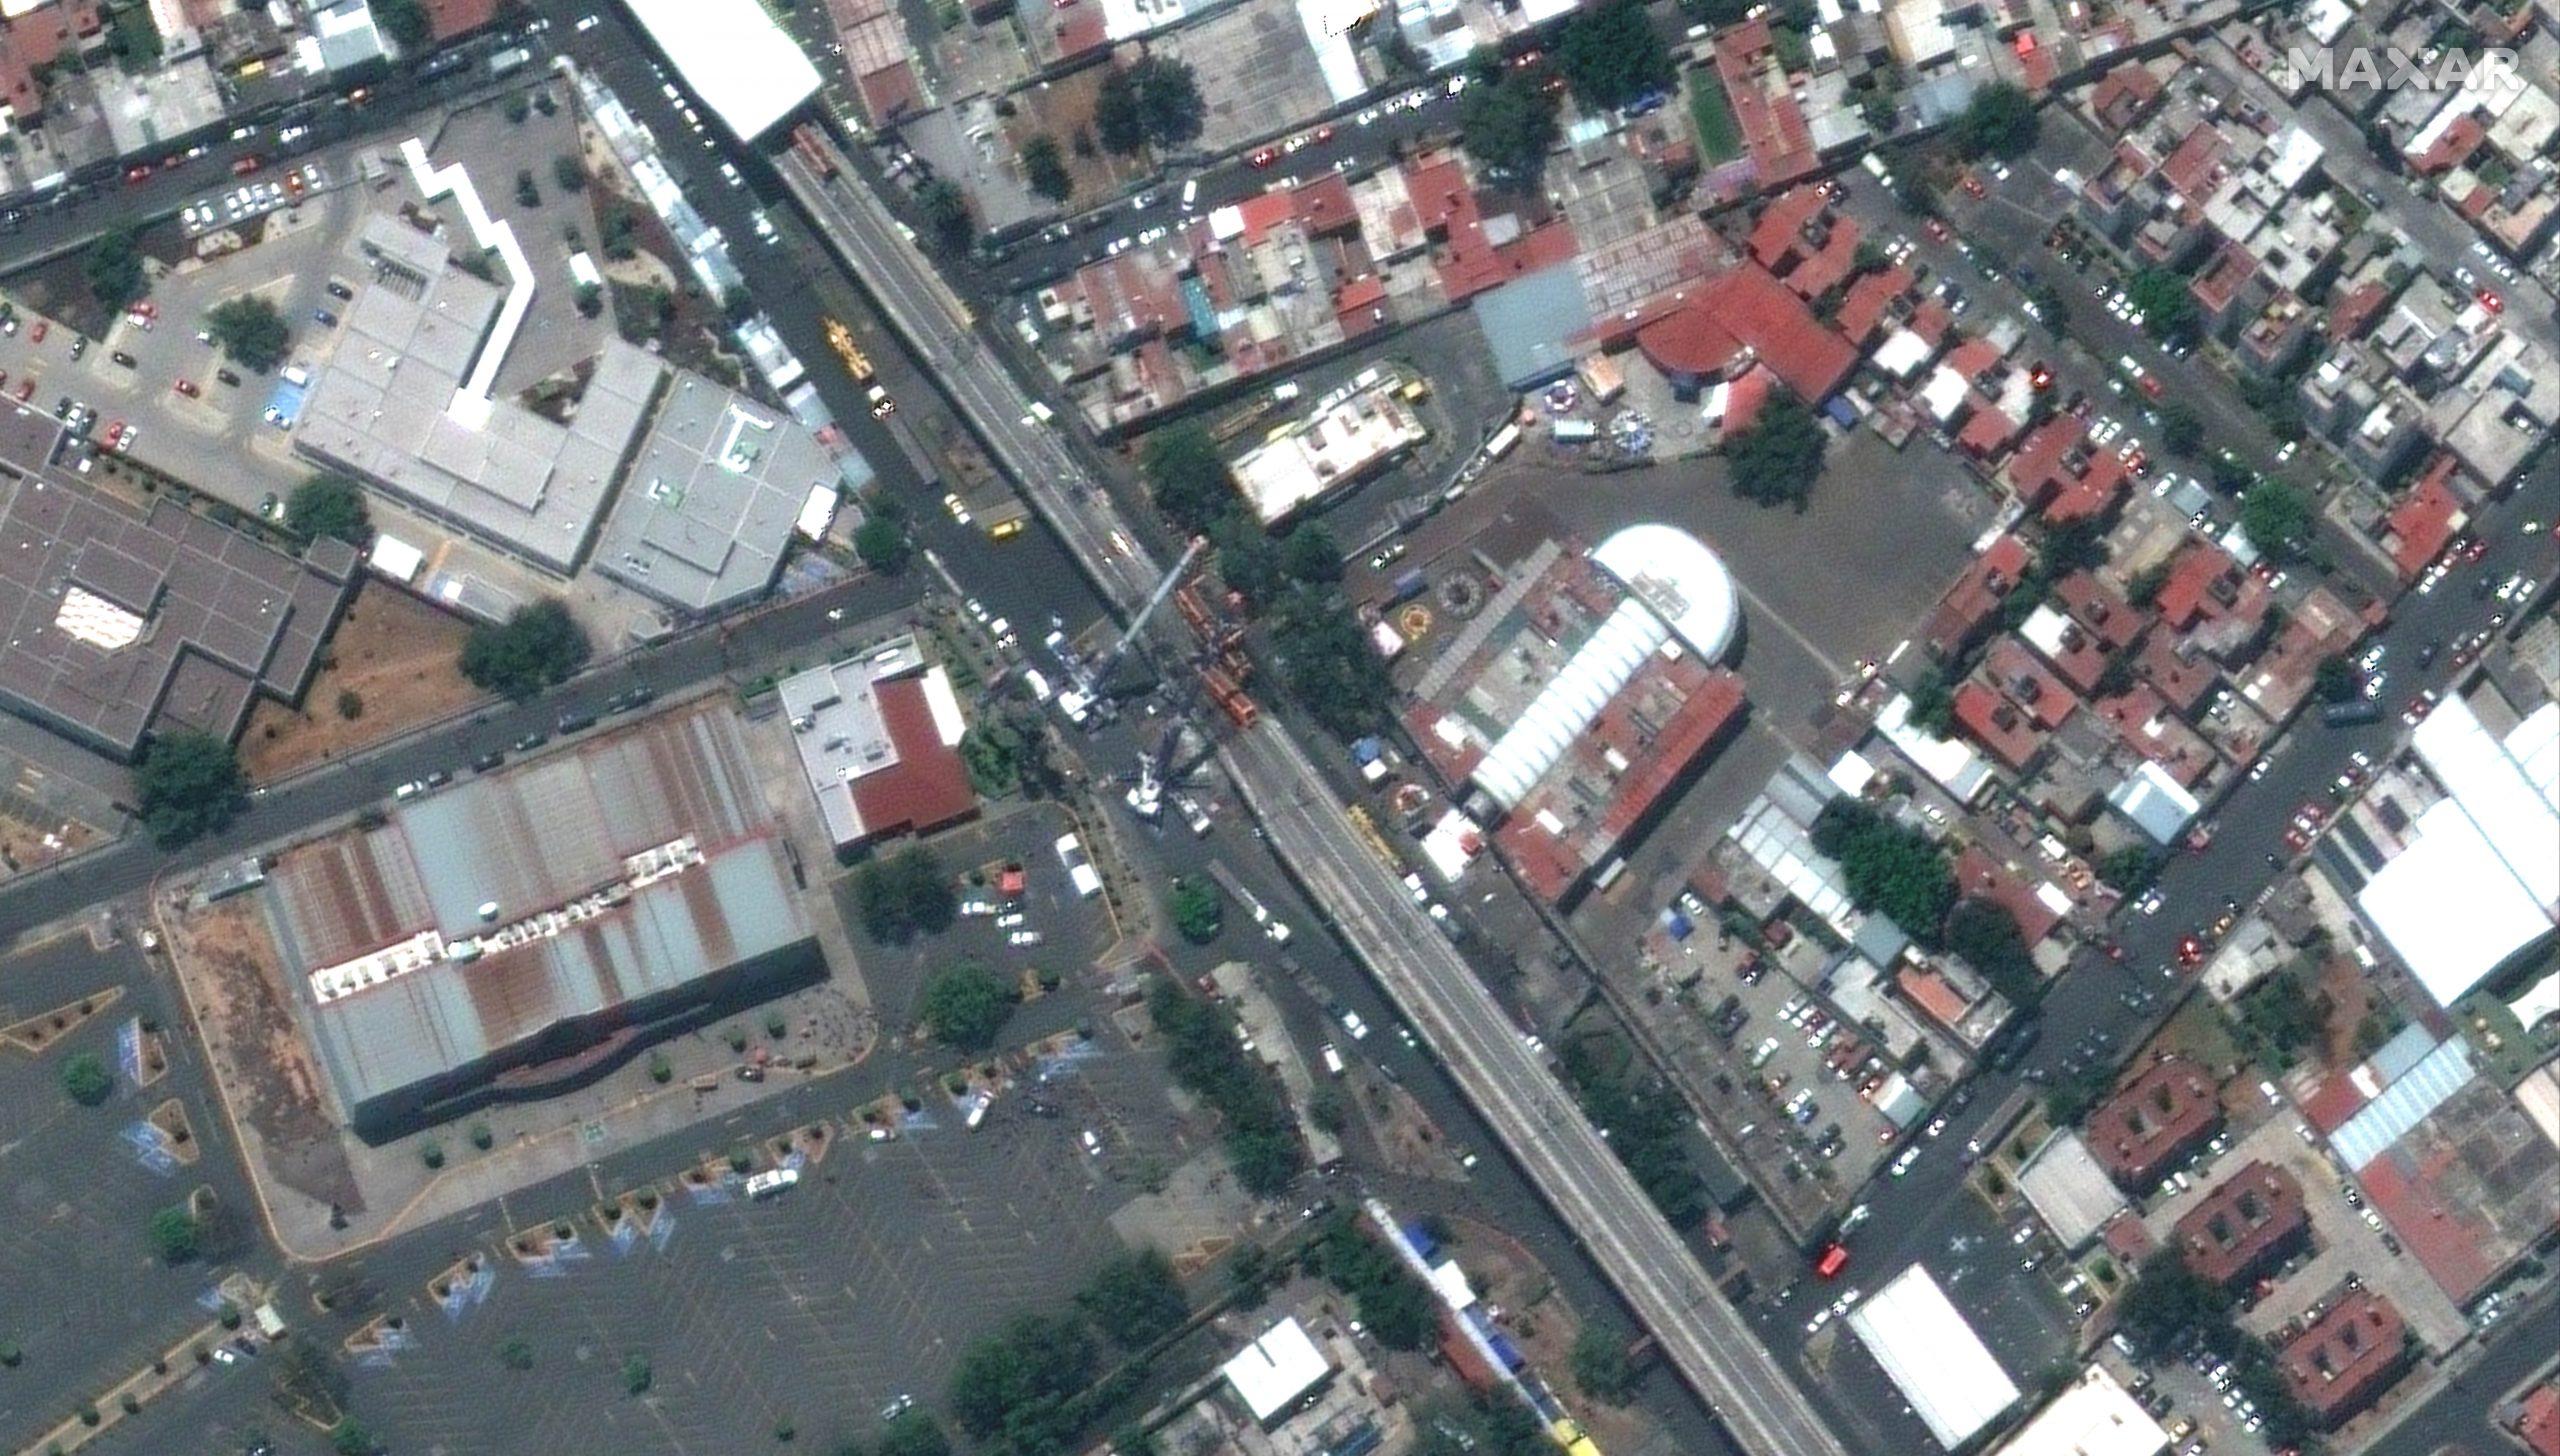 Meksiko Meksiko siti srusen nadvoznjak, nesreca